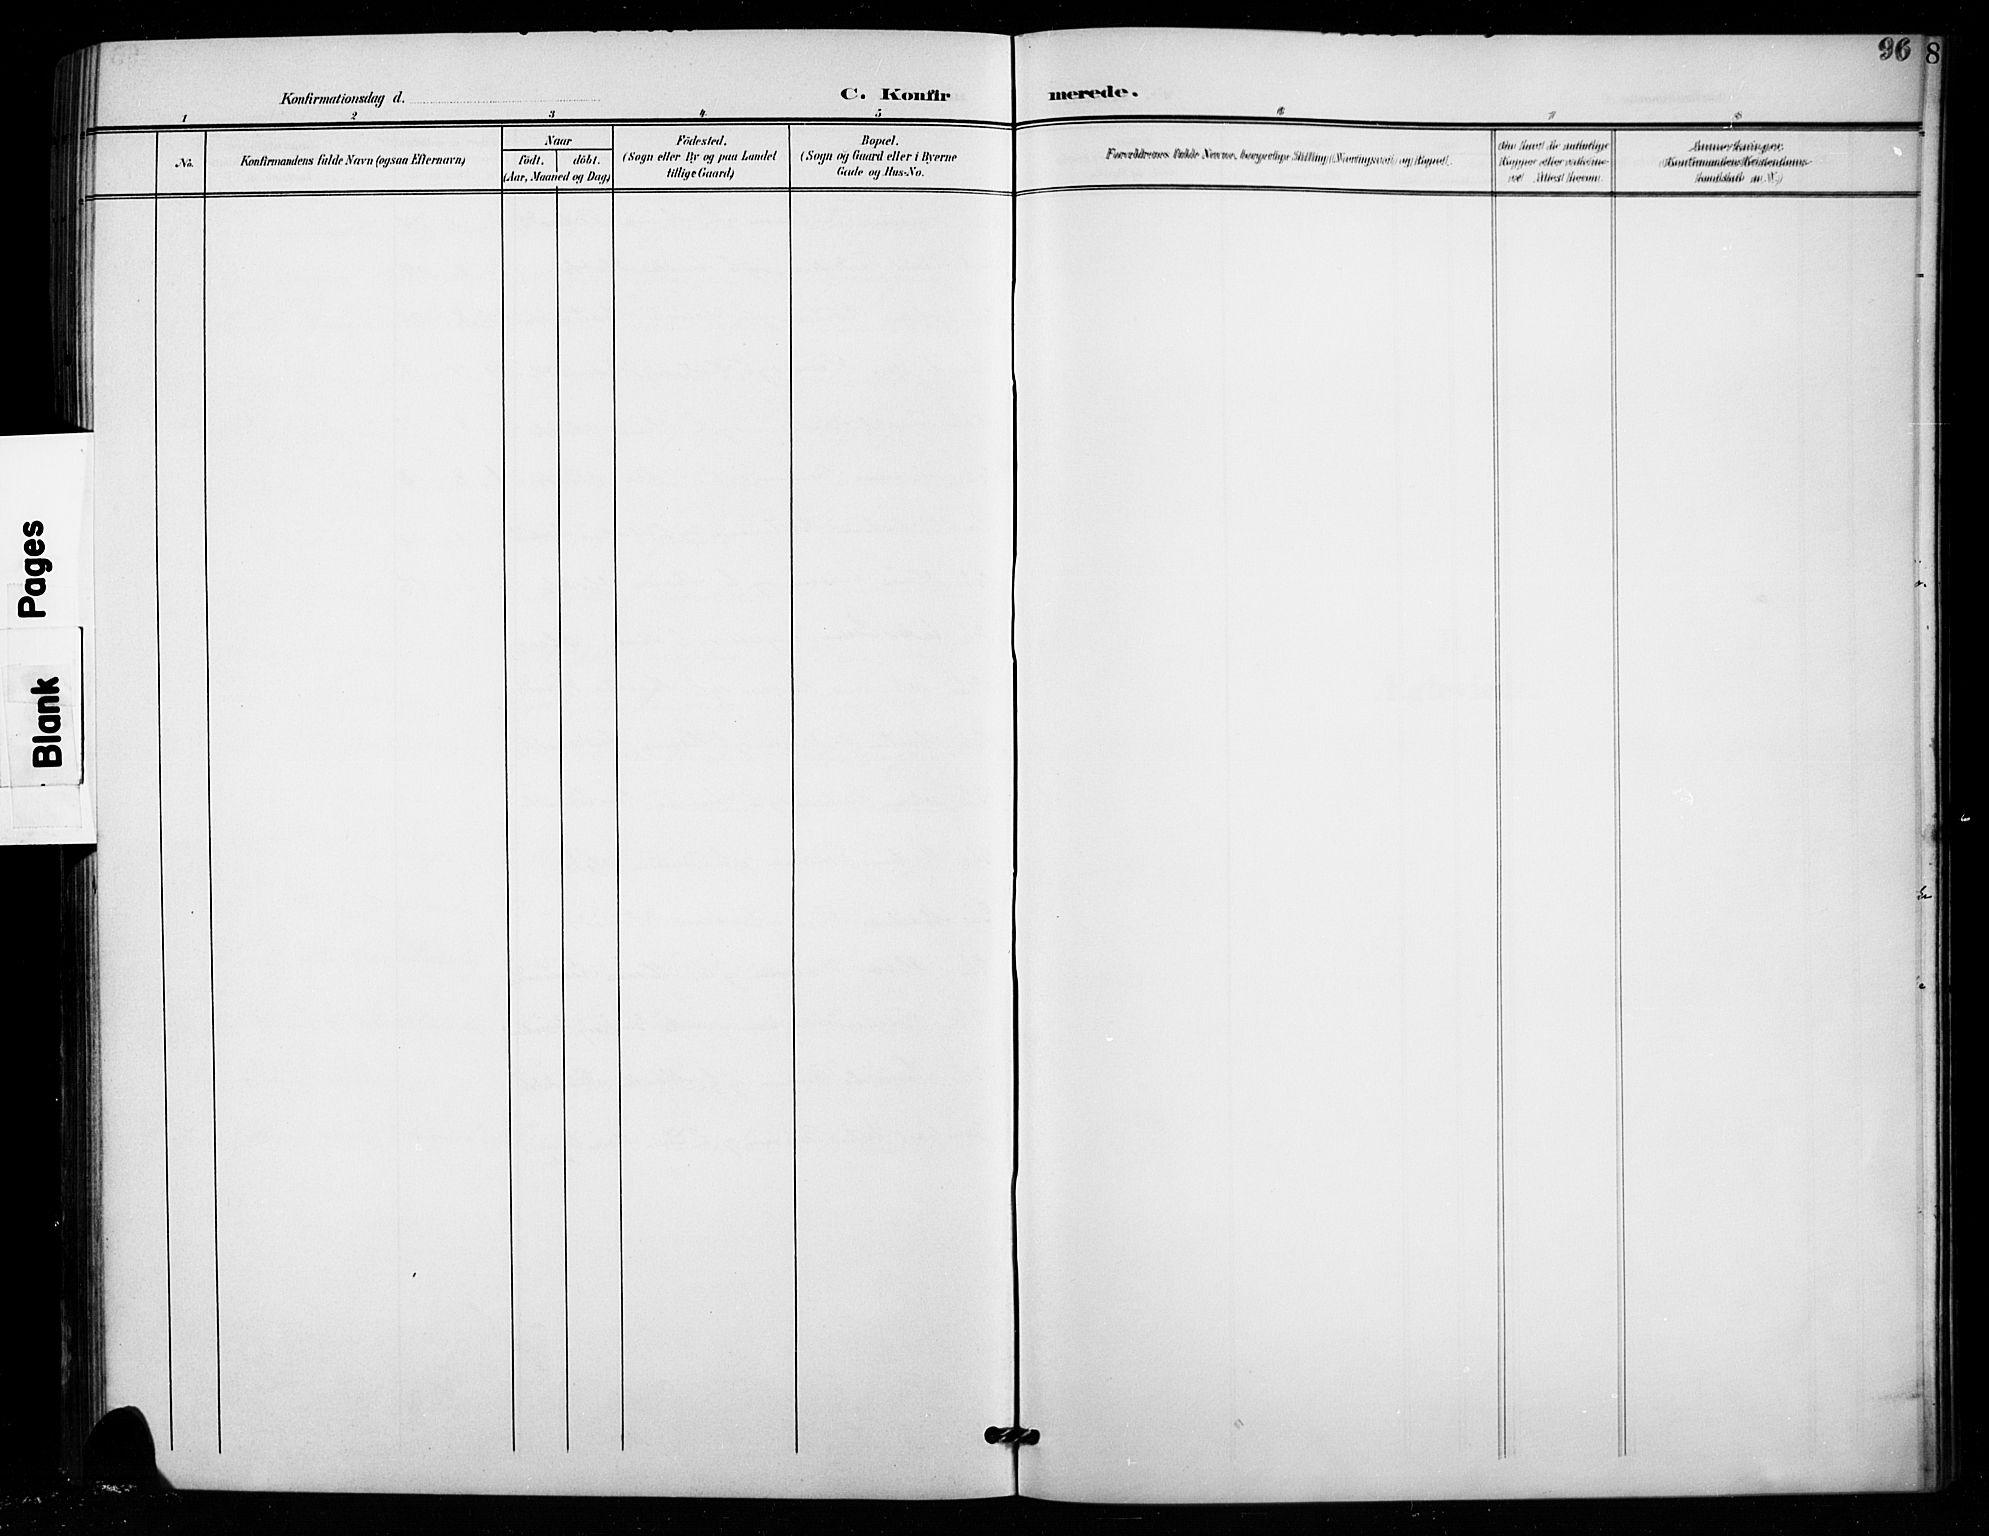 SAH, Vestre Toten prestekontor, Klokkerbok nr. 16, 1901-1915, s. 96